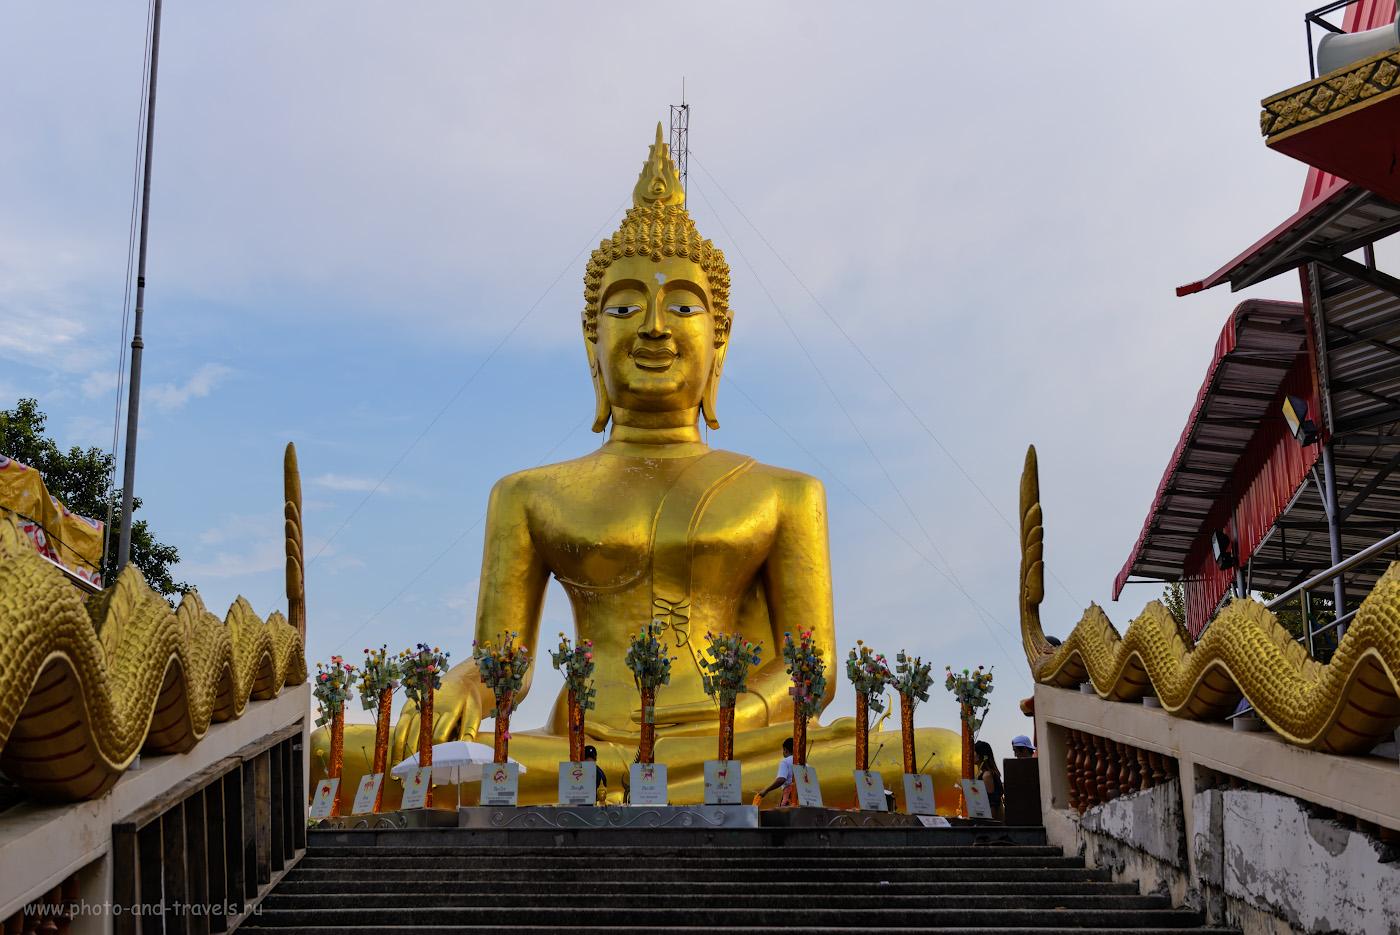 Фото 24. Статуя Большого Будды в храме Ват Пхра Яй (Wat Phra Yai) на холме Пратамнак в центре Паттайи. Куда сходить вечером. 1/200, +1.0, 4.5, 100, 52.